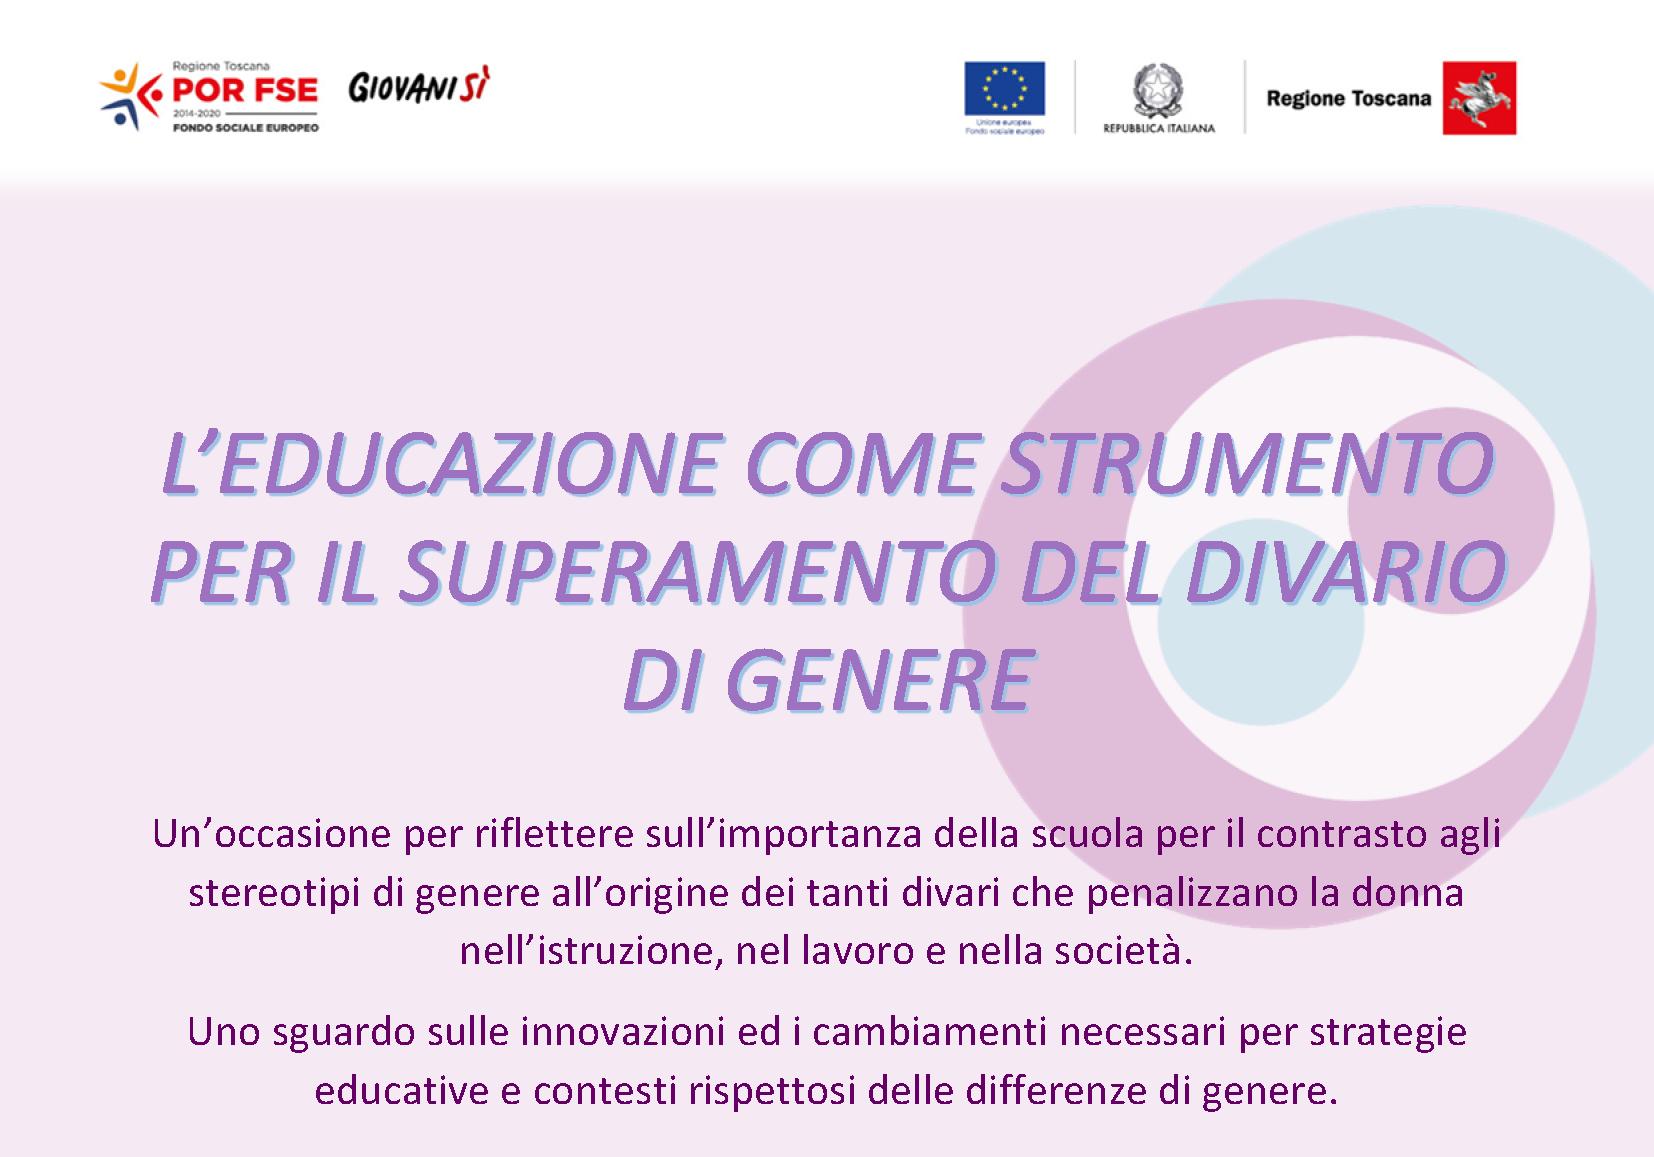 18 marzo 2021 - Educazione e lotta agli stereotipi